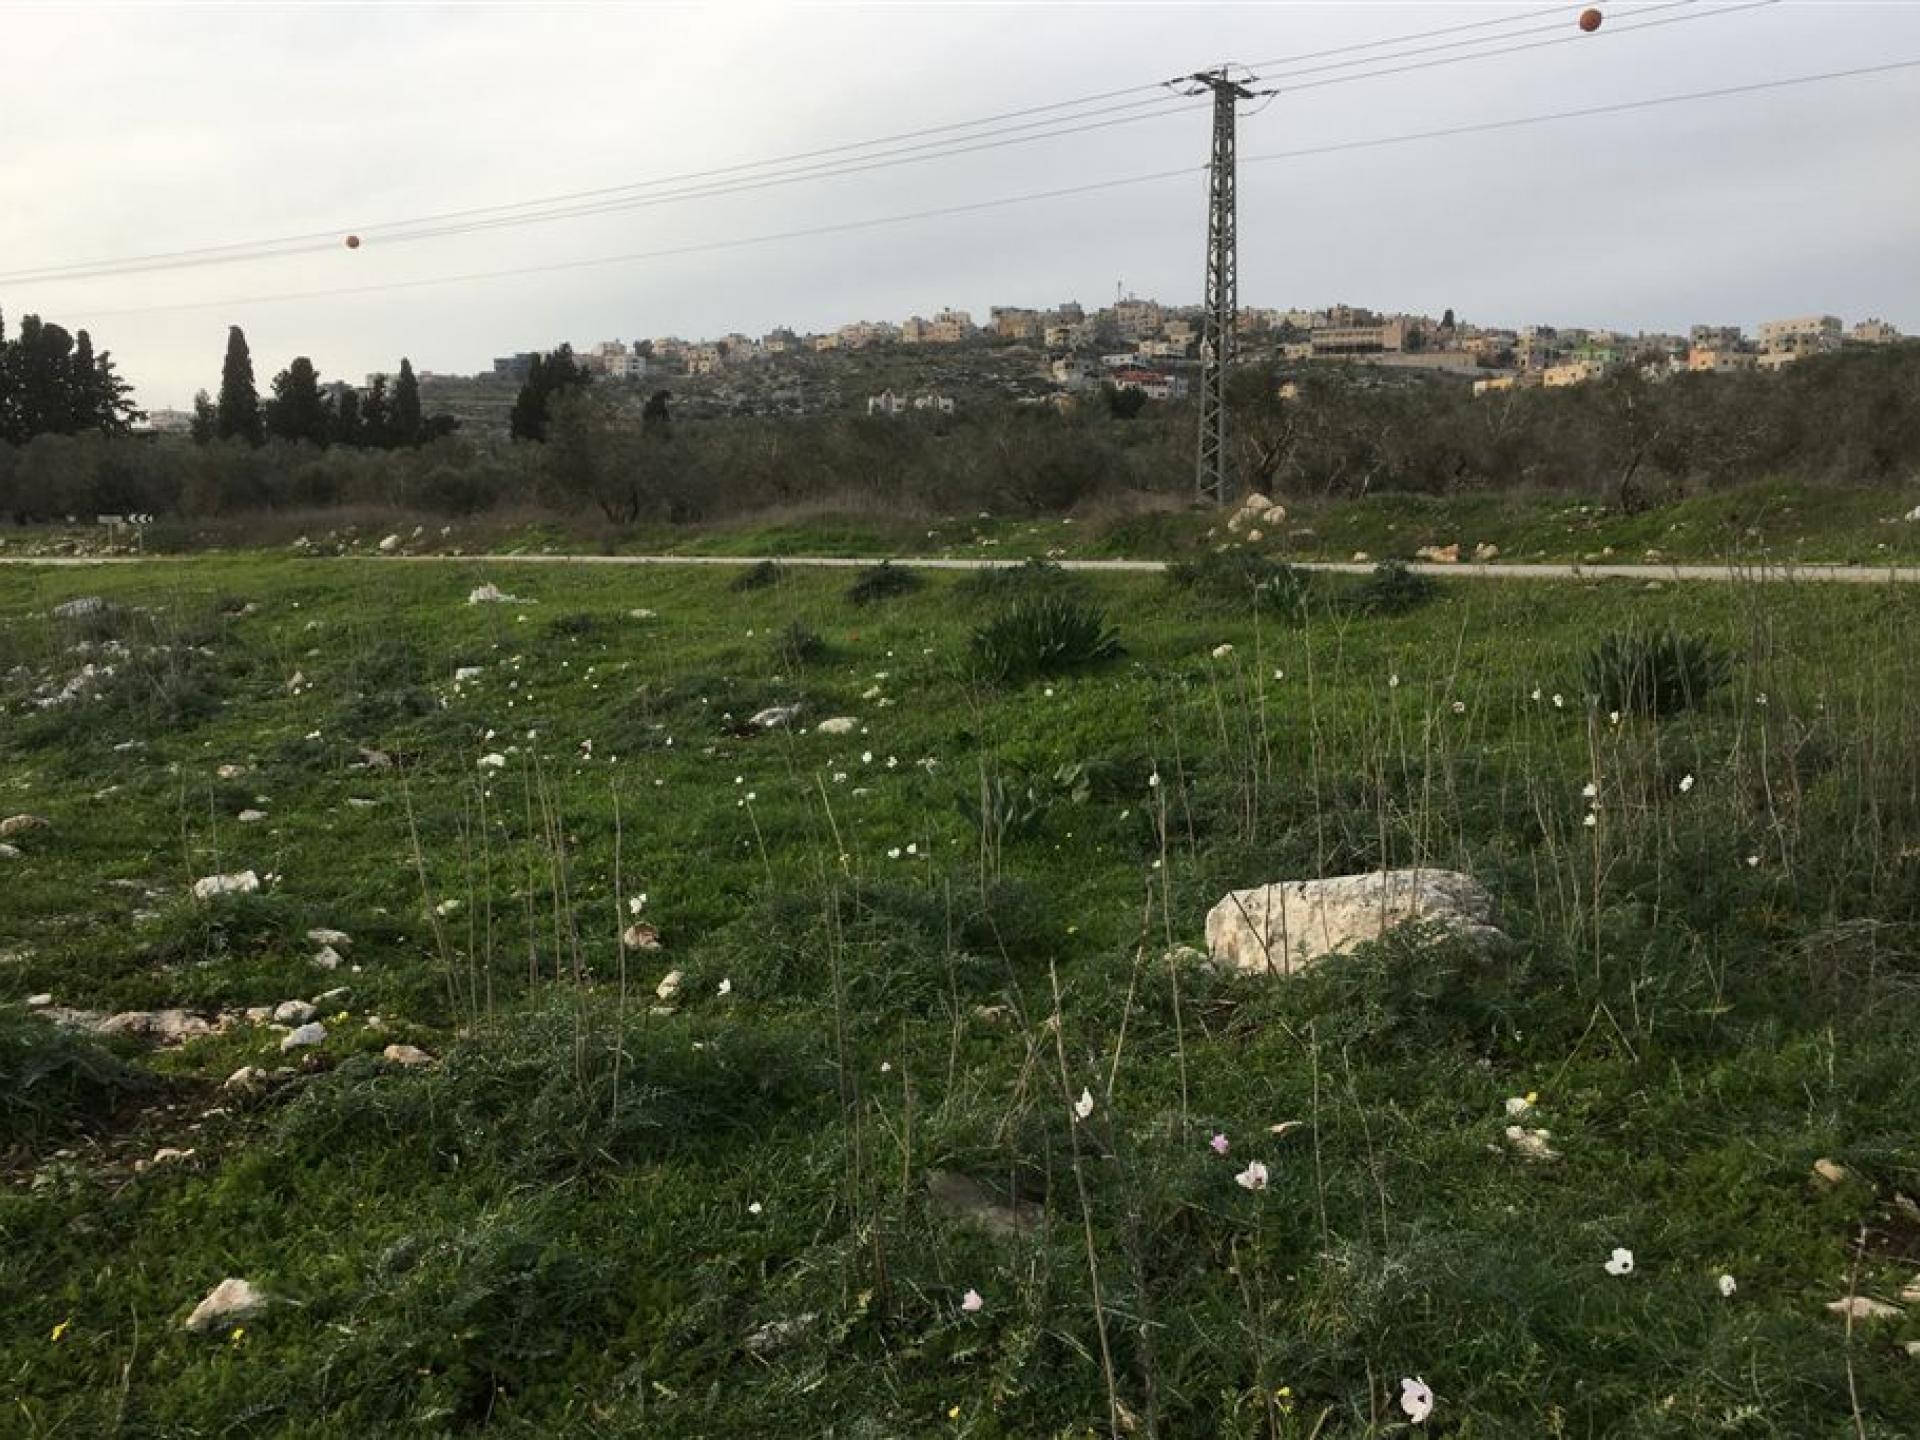 מחסום יעבד: שדה כלניות לצד הדרך, ברקע העיירה יעבד